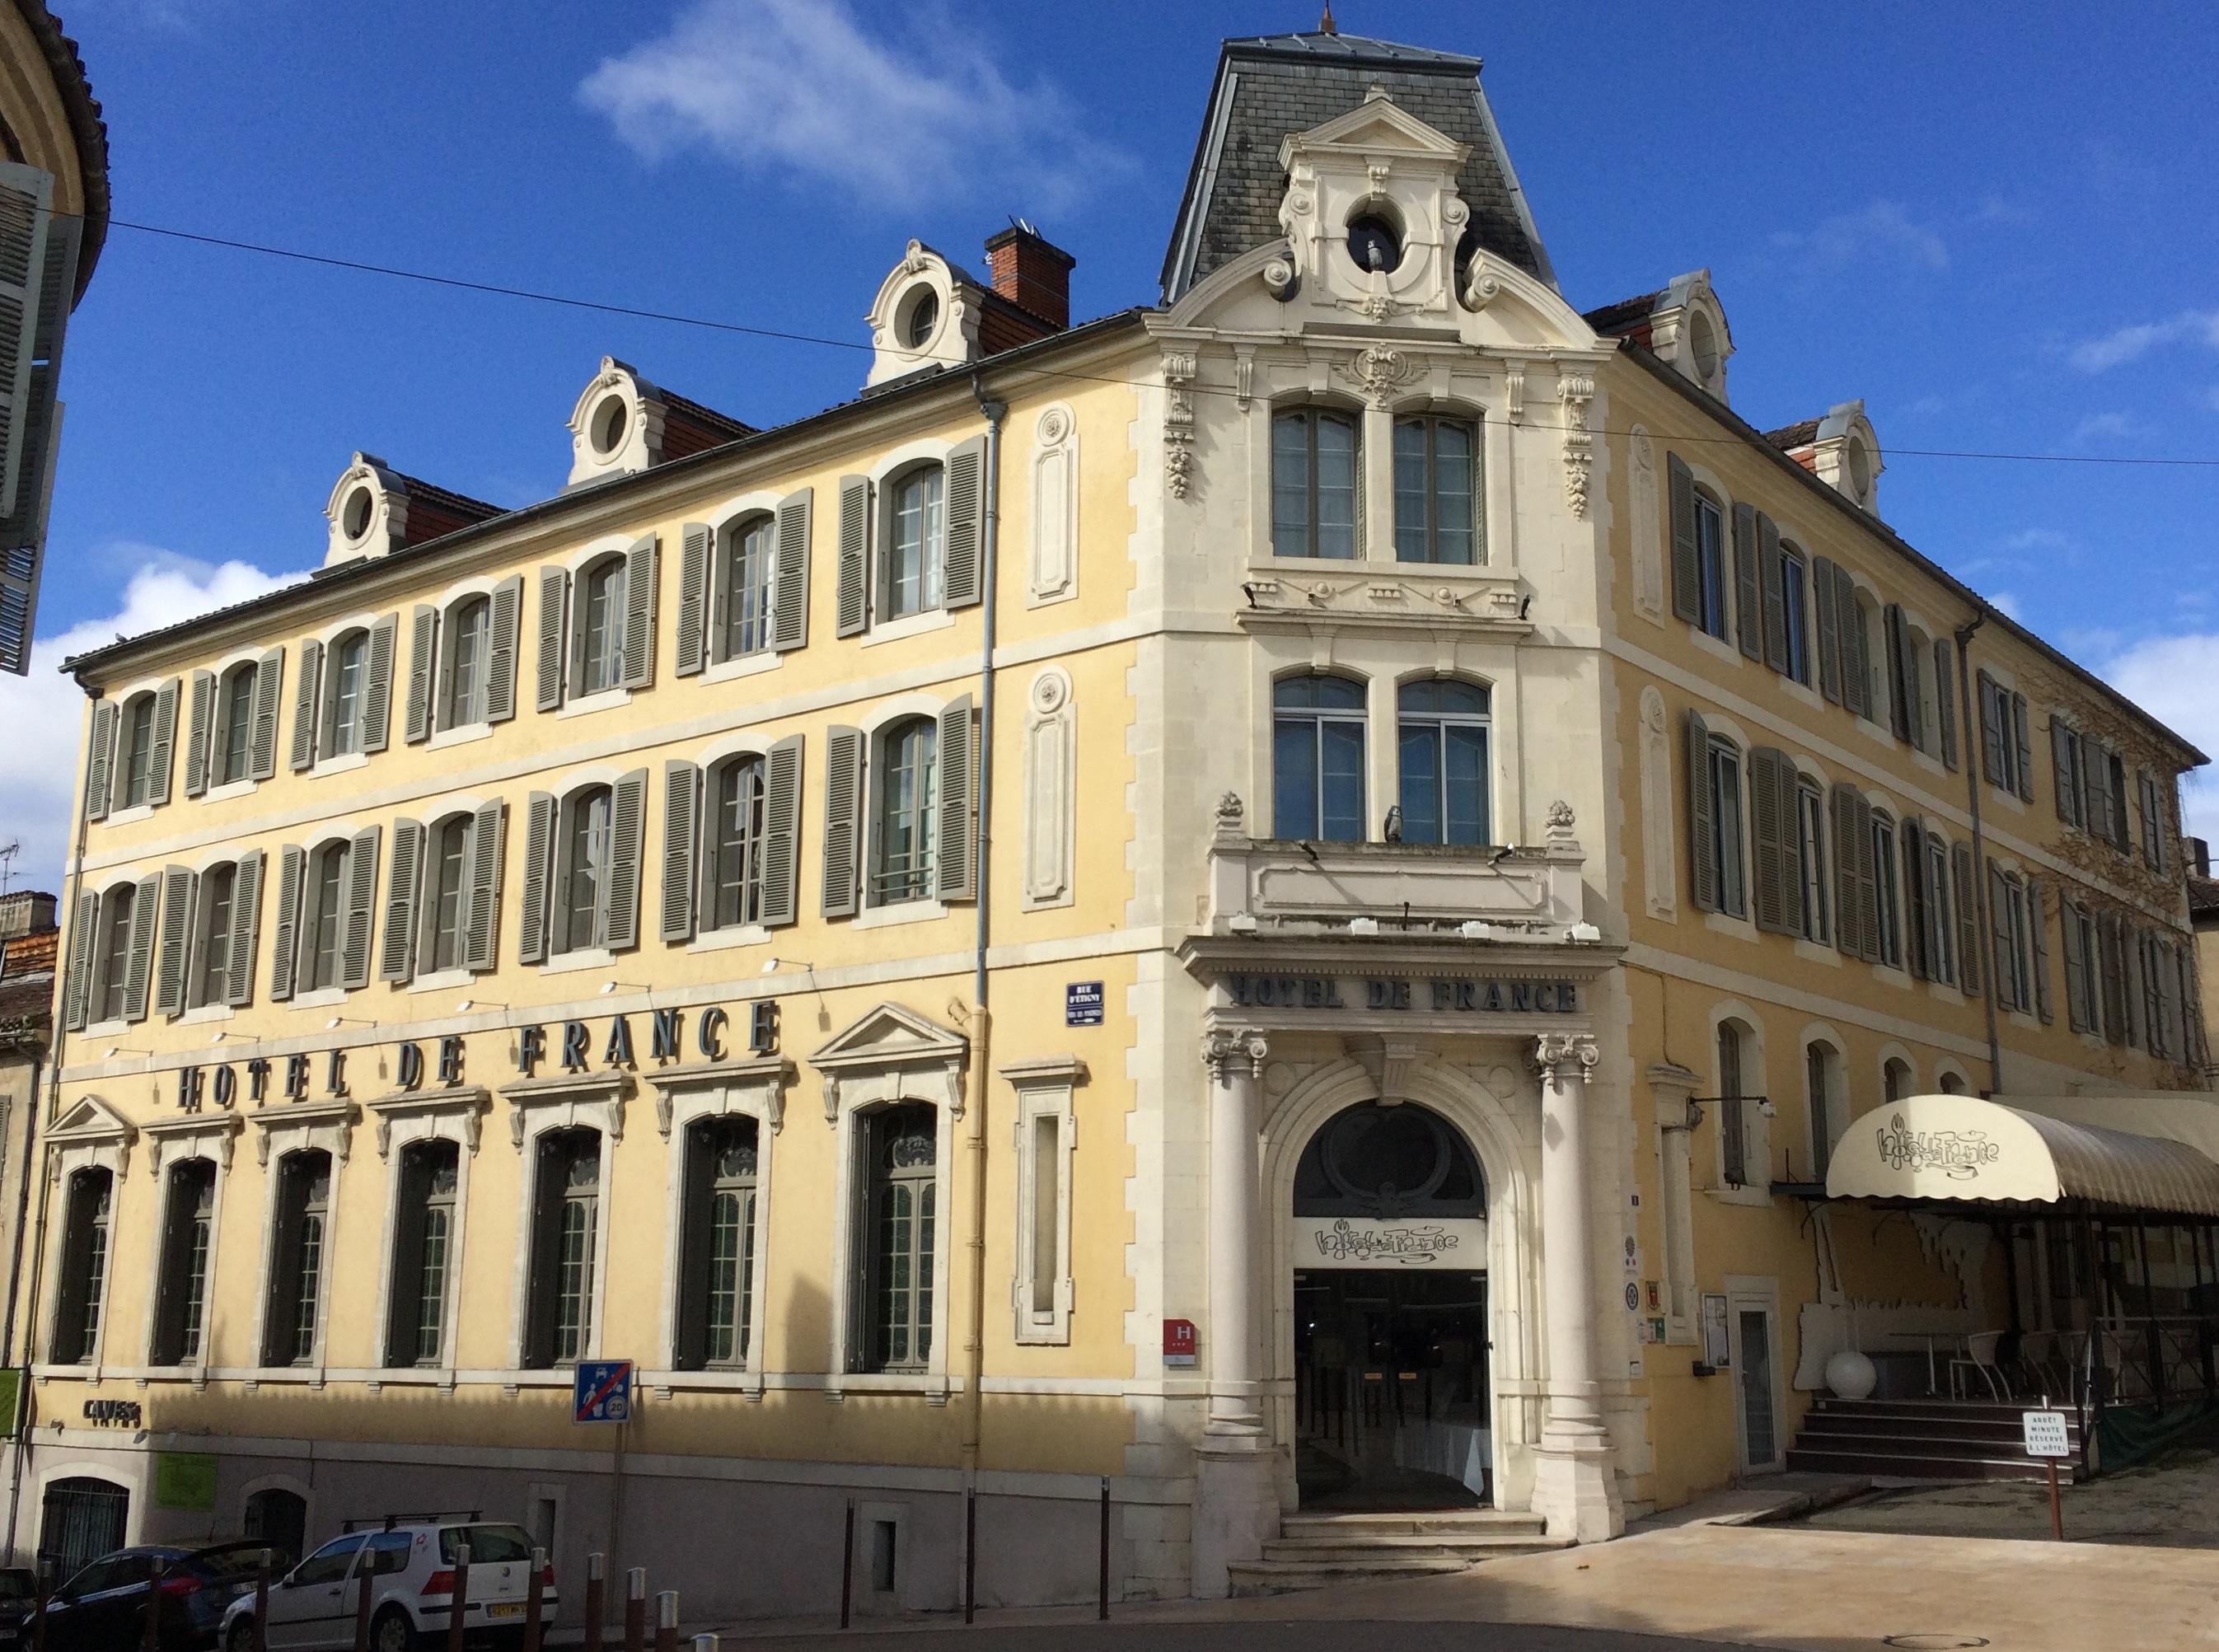 Hotel de france Auch - Actualités - l'Hôtel de France un établissement ...